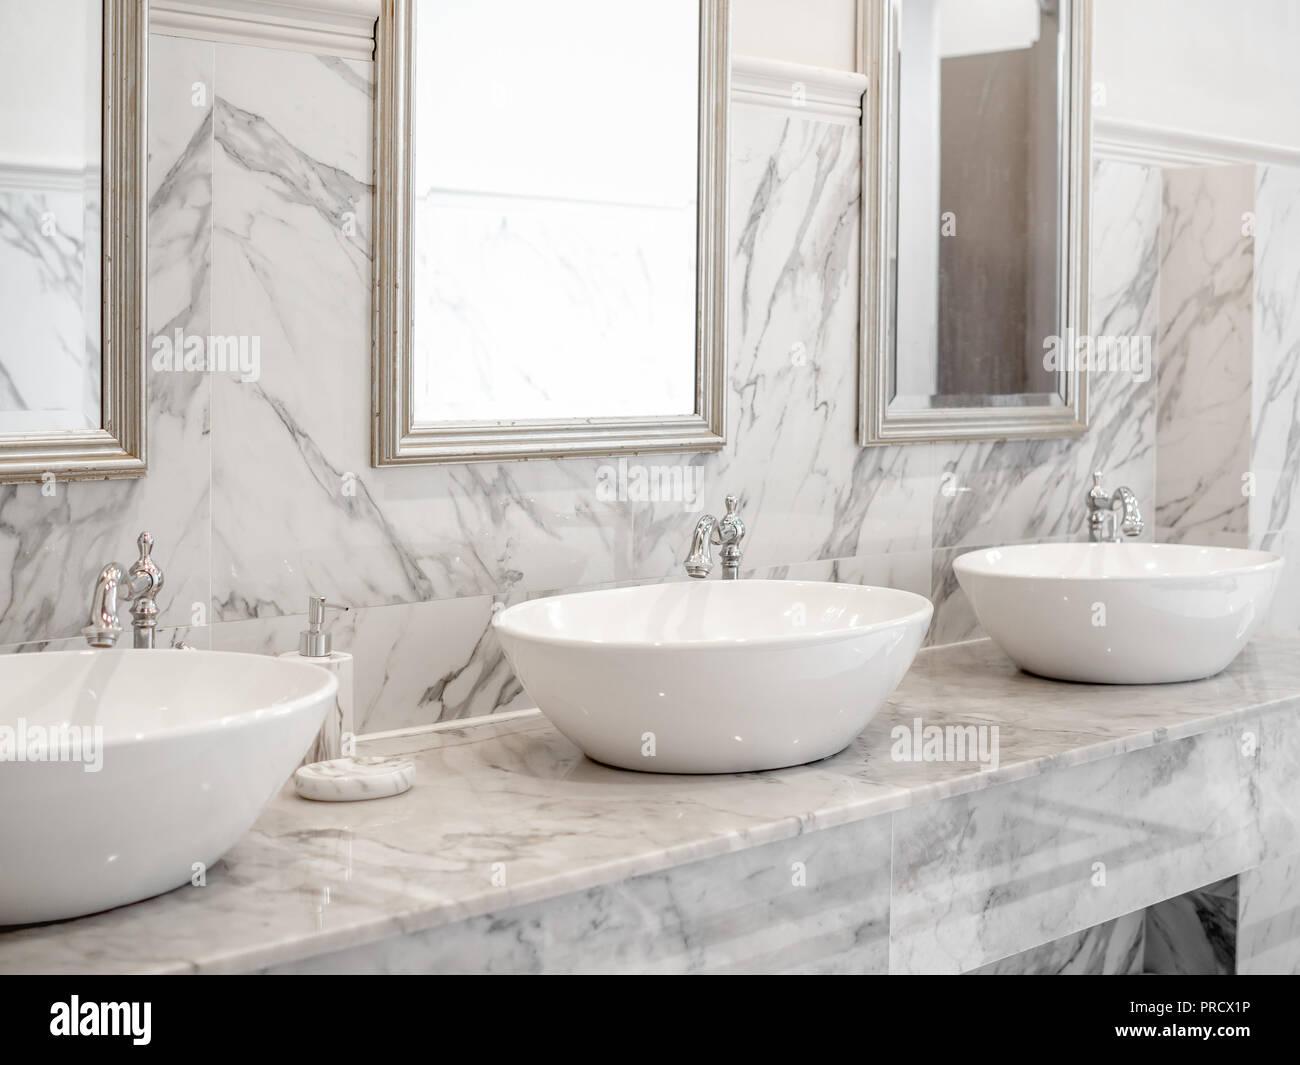 Weiß luxus Waschbecken im Badezimmer. Weißes modernes ...